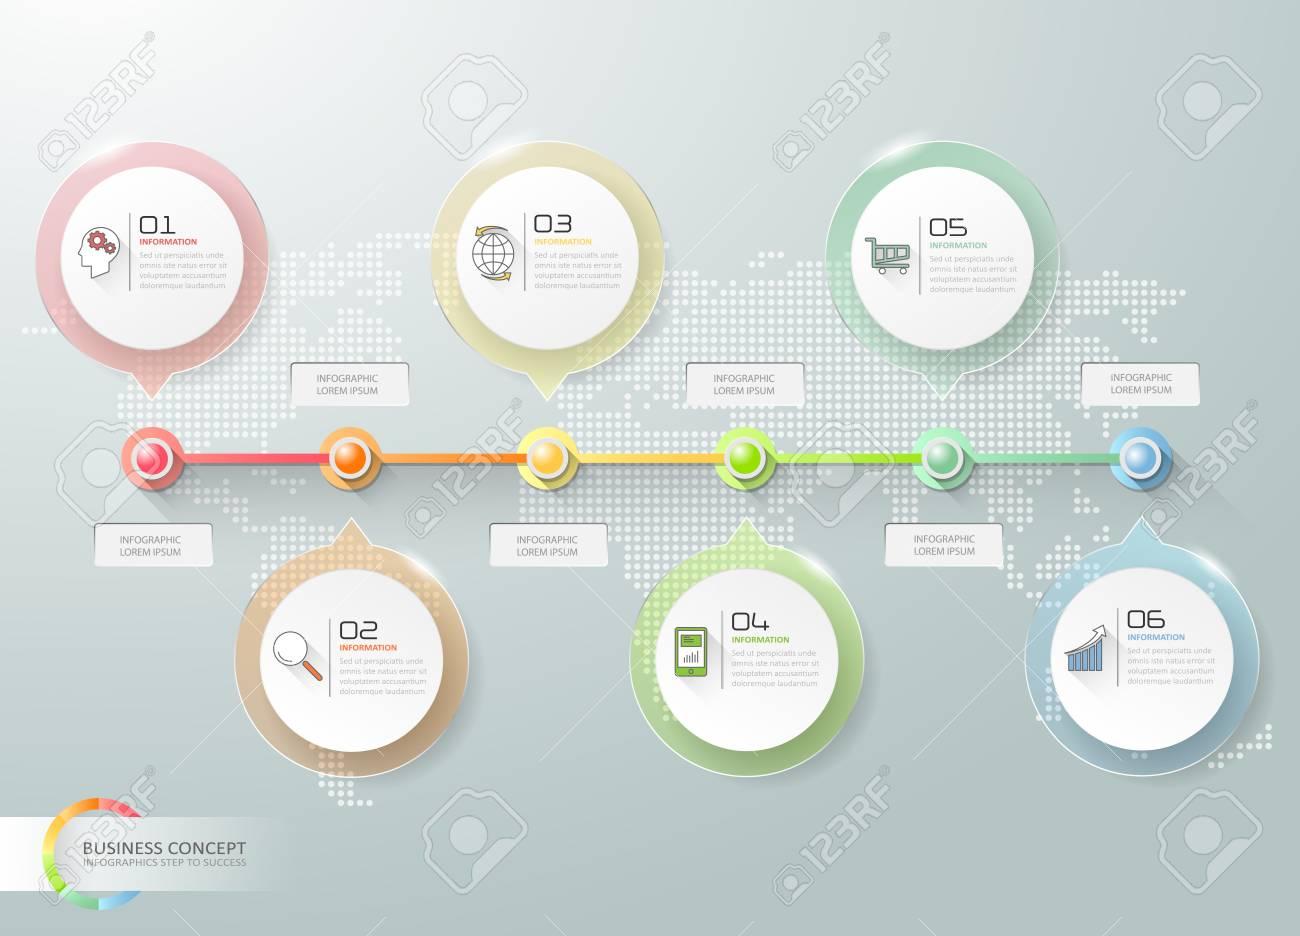 ビジネス タイムライン インフォ グラフィック インフォ グラフィック